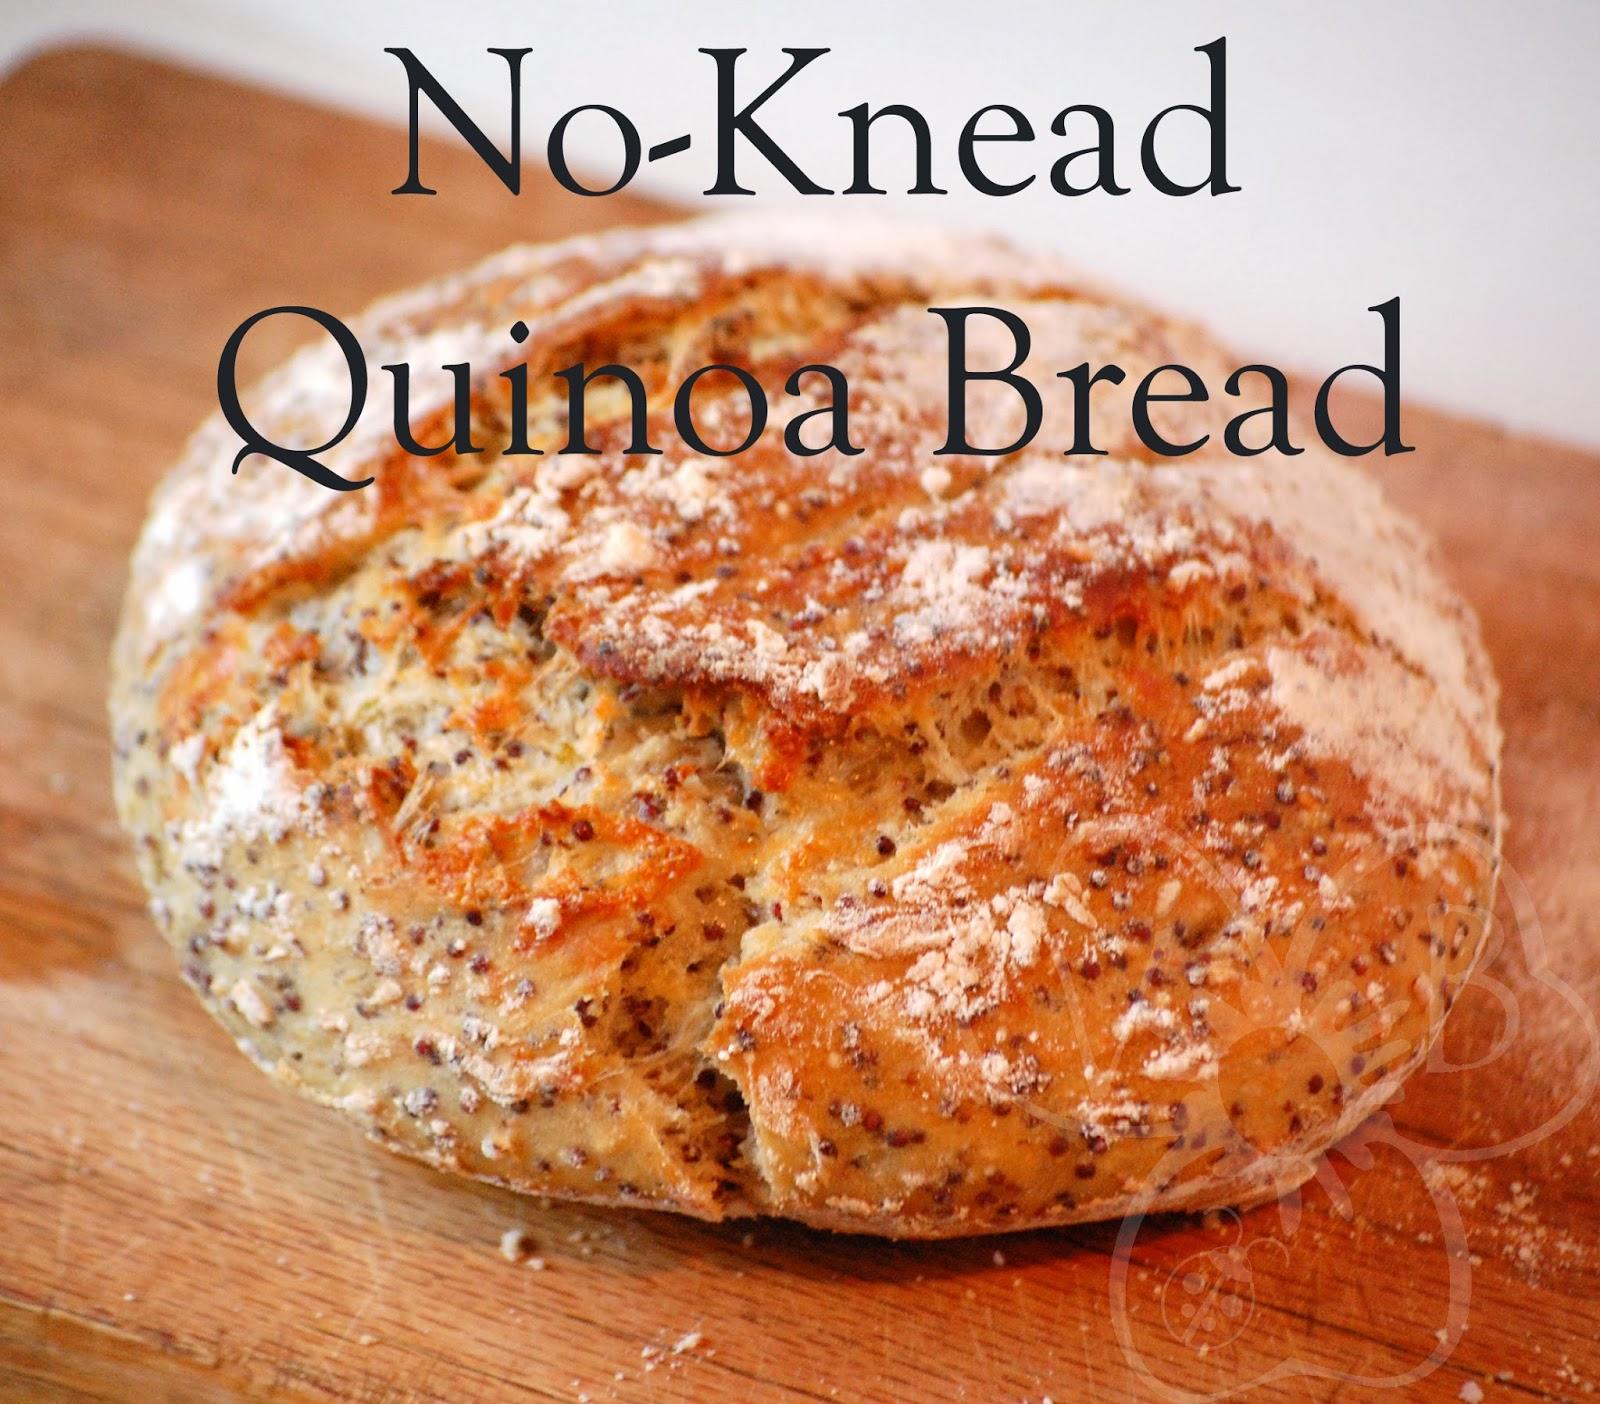 Violet's Buds: Whole Quinoa Bread Recipe